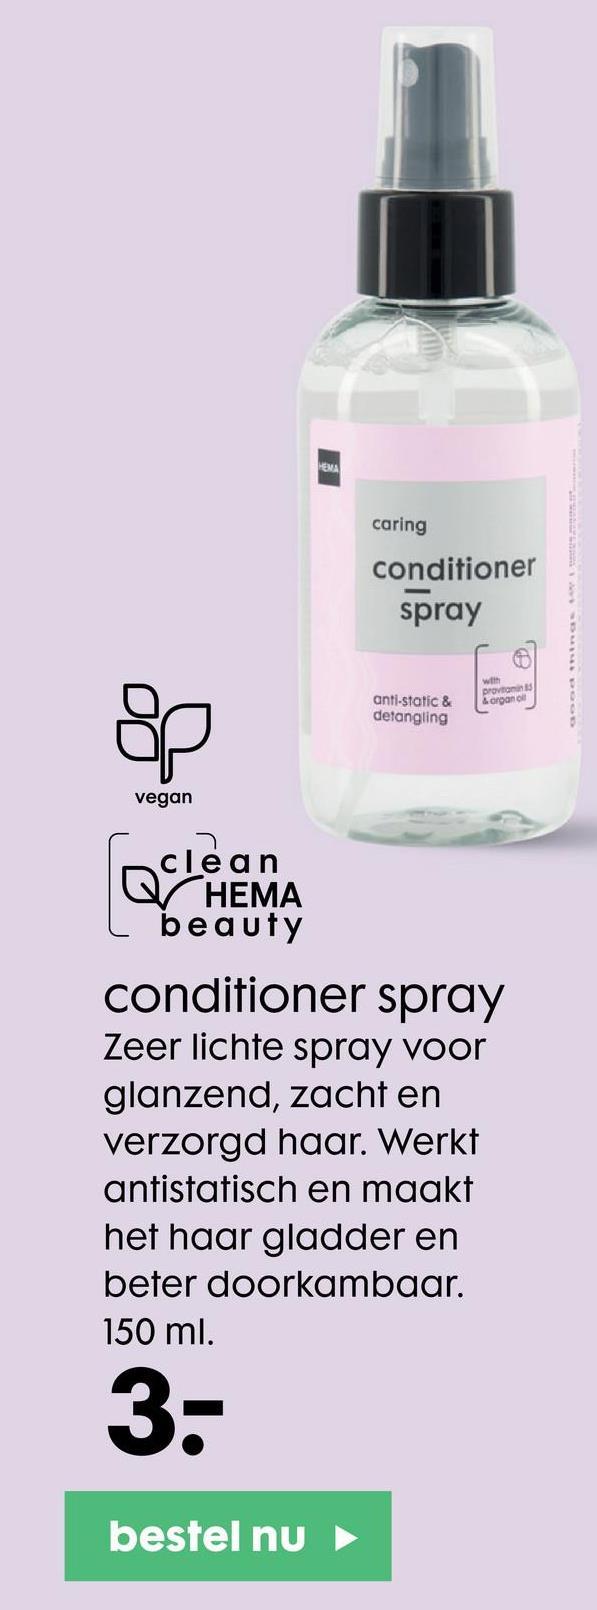 PEMA caring conditioner spray anti-static & detangling w provo organol vegan clean r HEMA beauty conditioner spray Zeer lichte spray voor glanzend, zacht en verzorgd haar. Werkt antistatisch en maakt het haar gladder en beter doorkambaar. 150 ml. 3- bestel nu